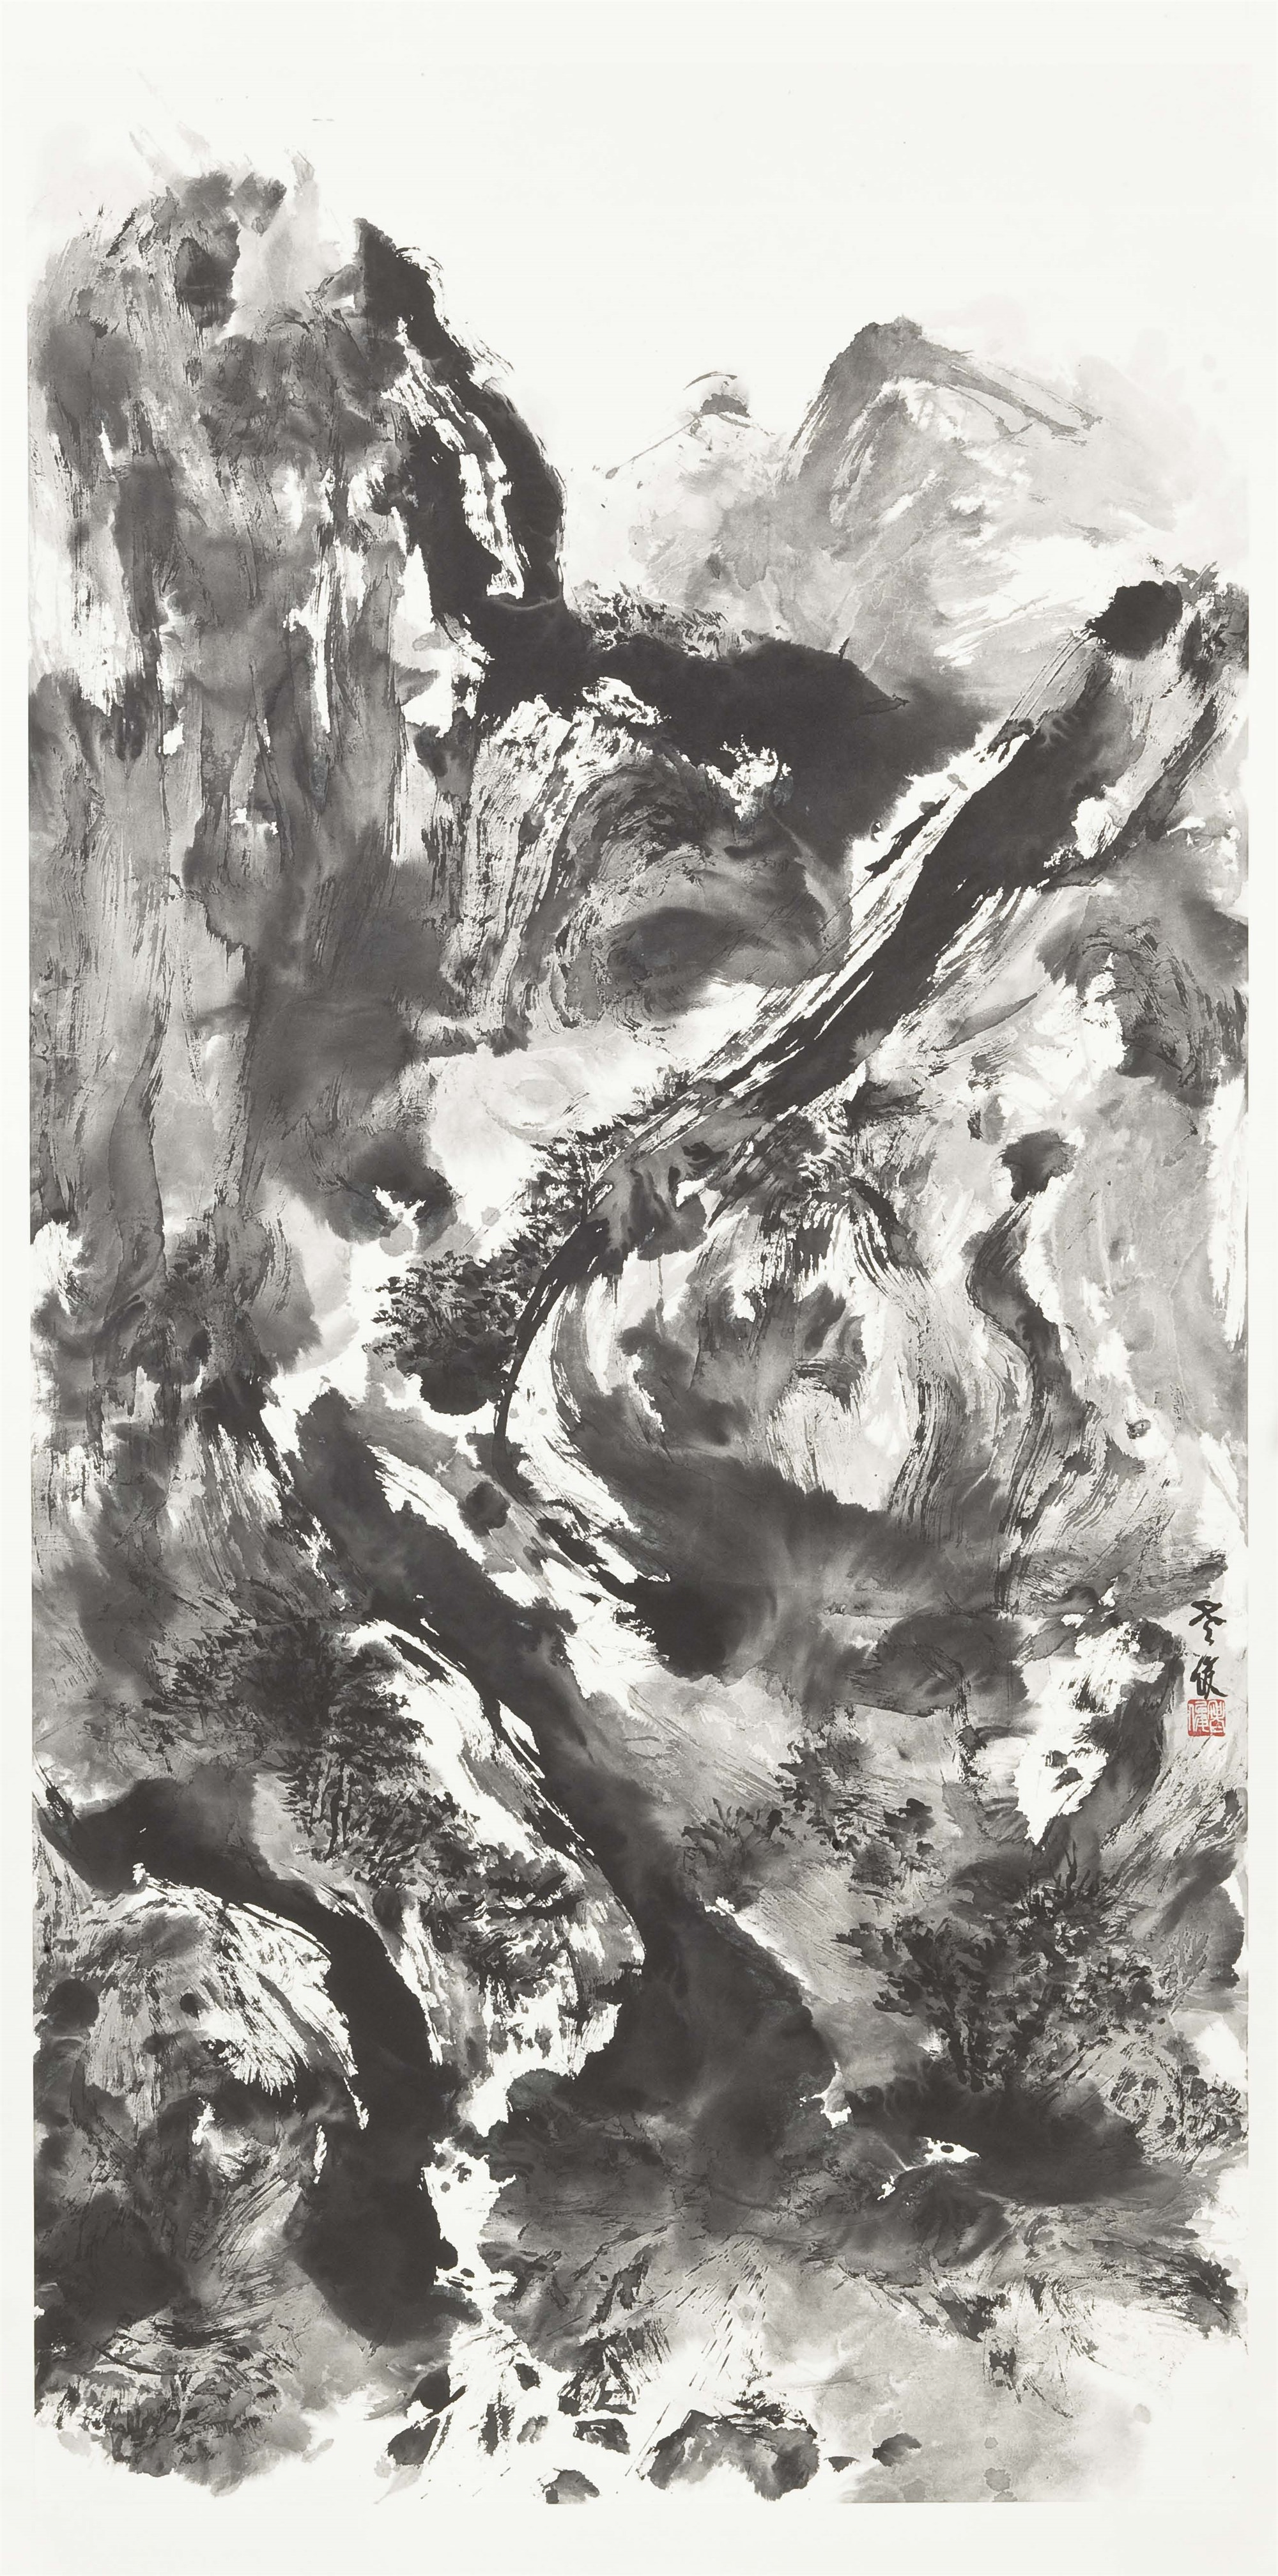 LANDSCAPE 3 by Xiaojun Zeng